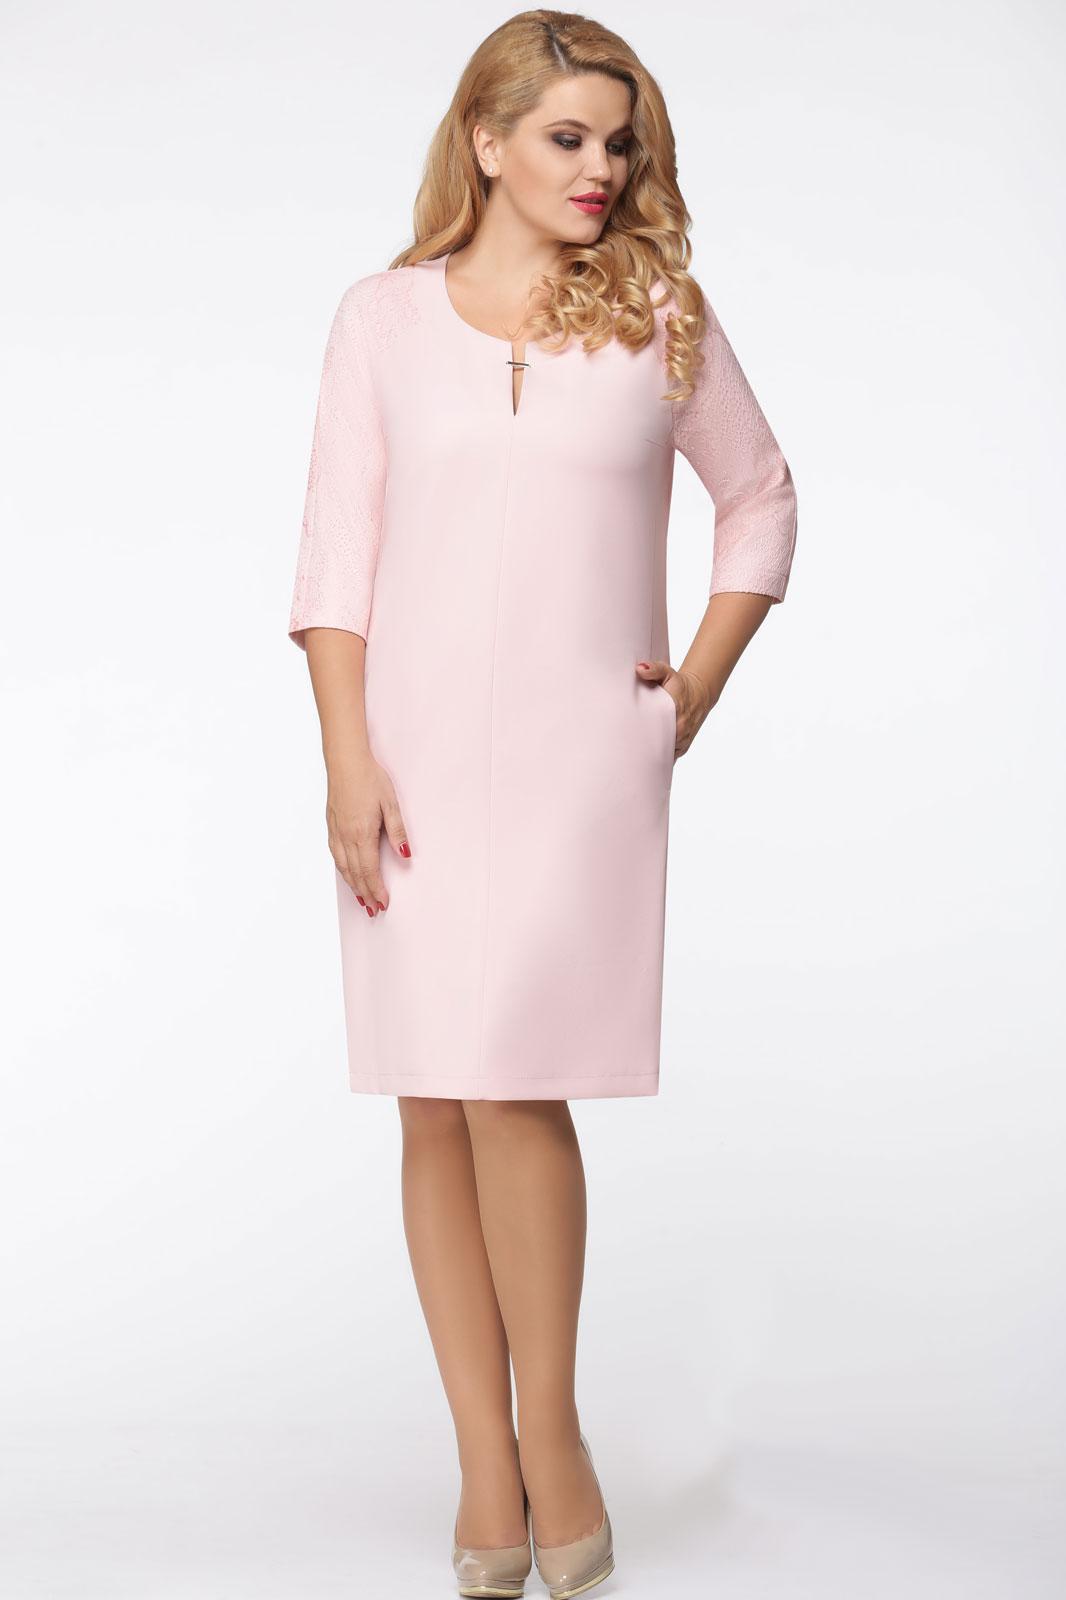 Купить Платье Verita, 724 светло-розовый, Беларусь